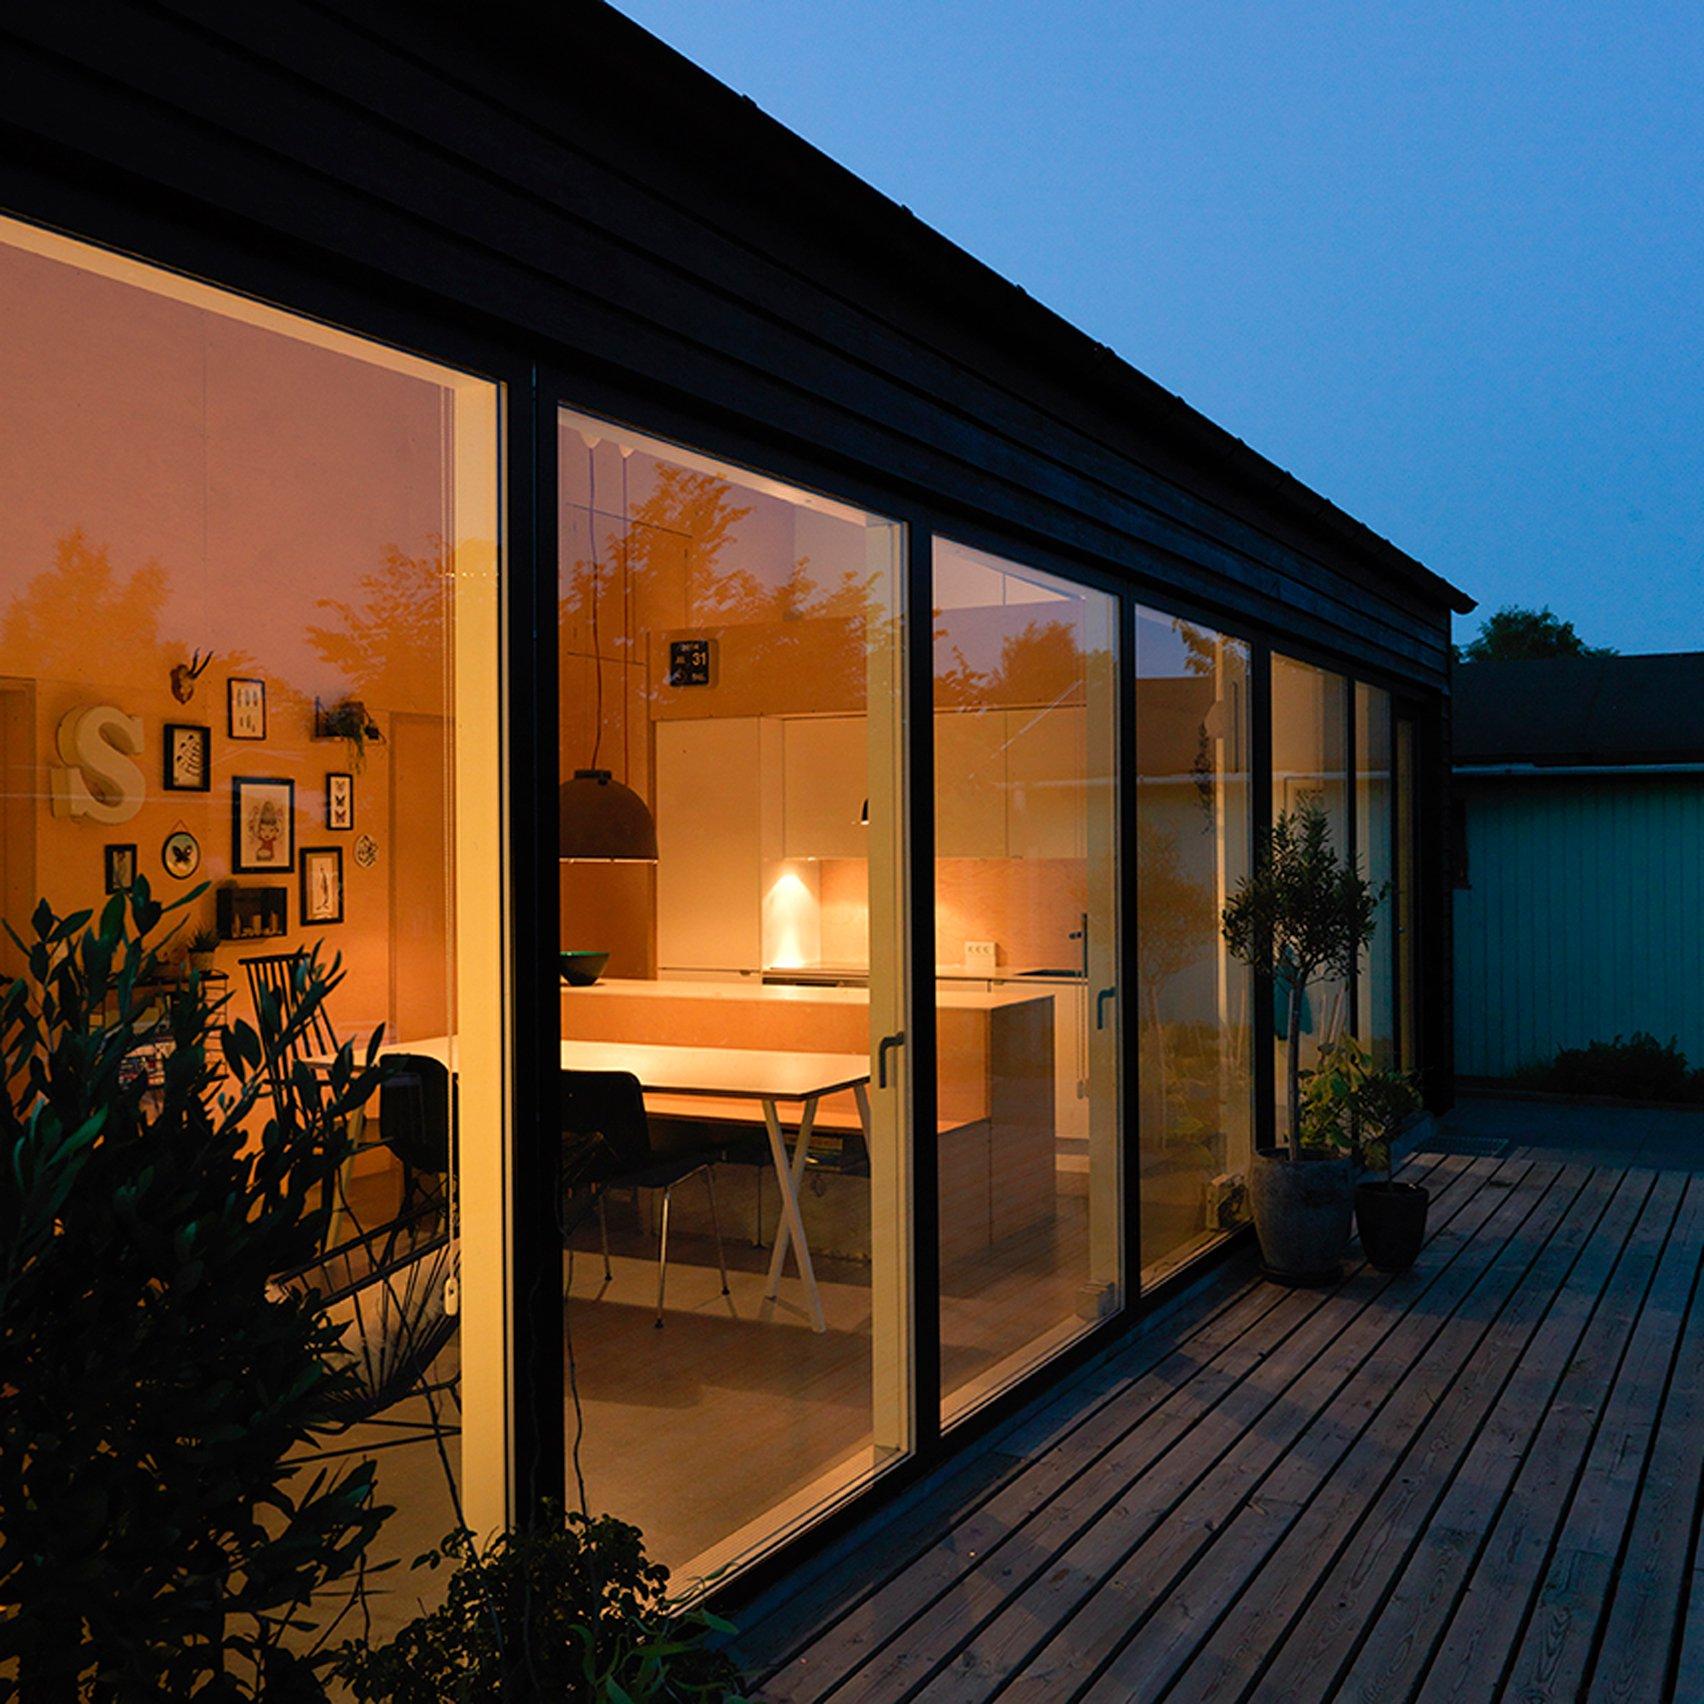 Sorte-Hus-Sigurd-Larsen-dezeen-low-cost-housing-sq-852x852.jpg